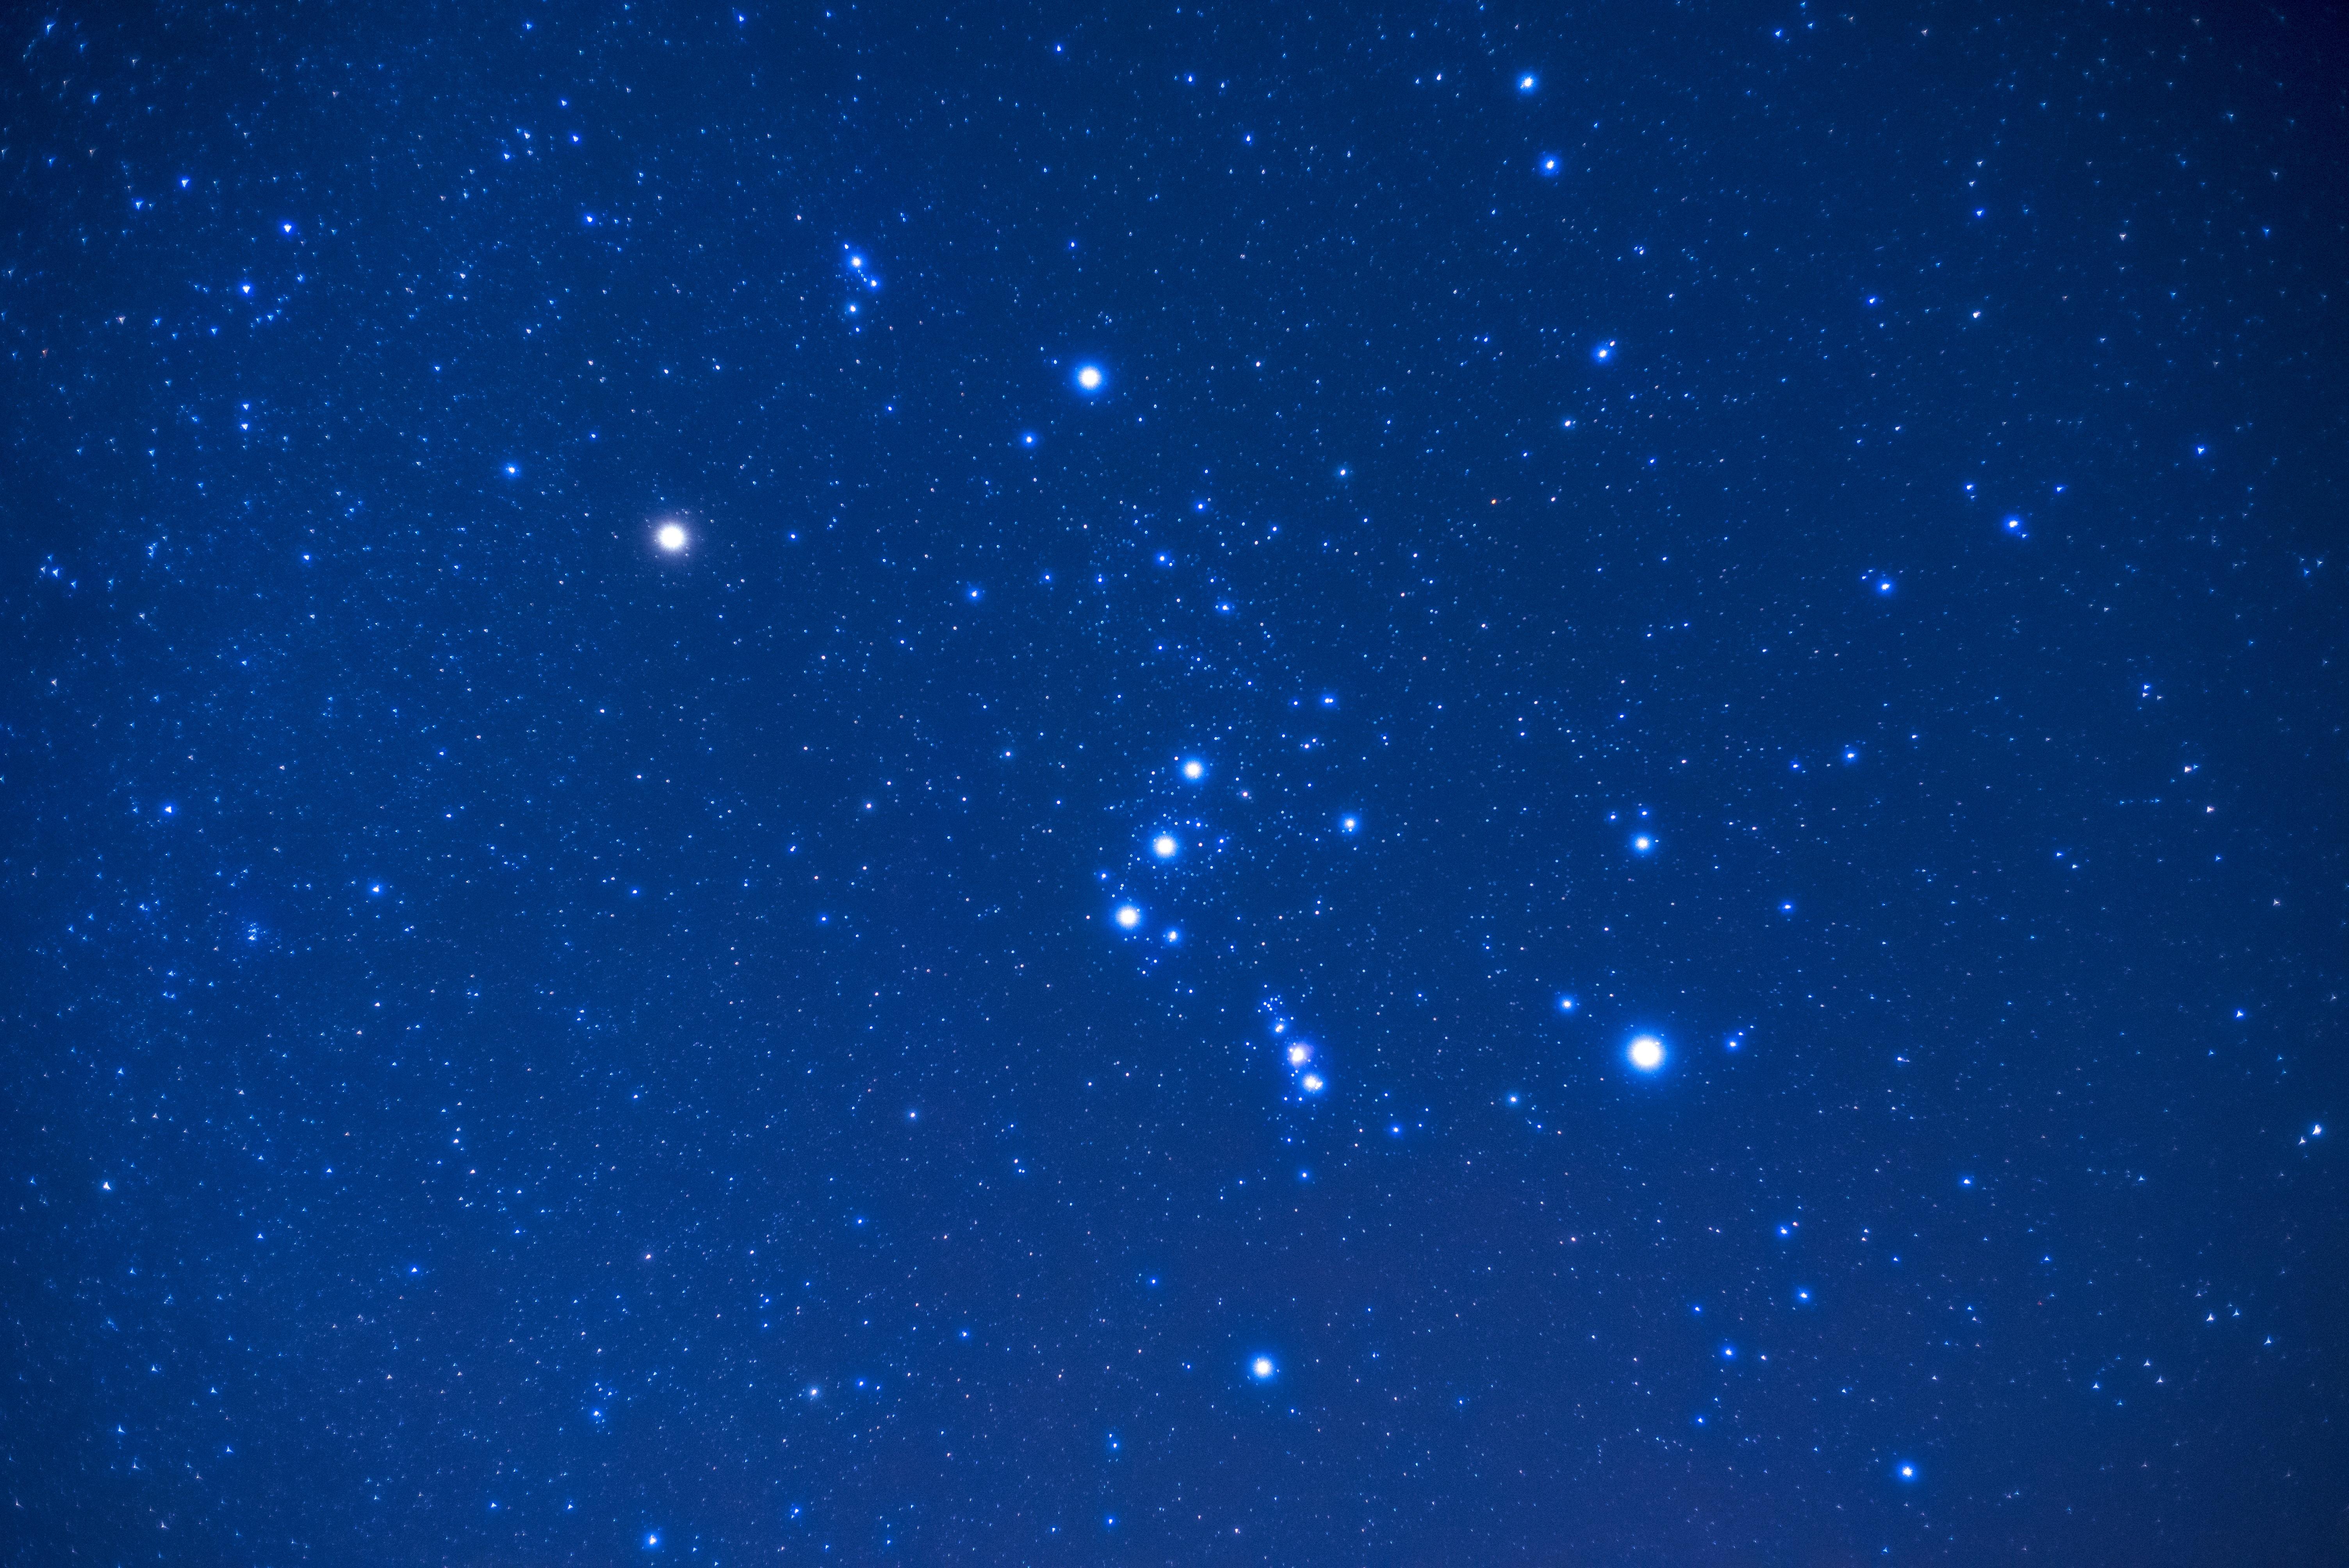 удивительно, так созвездие орион фото высокого разрешения включают основные